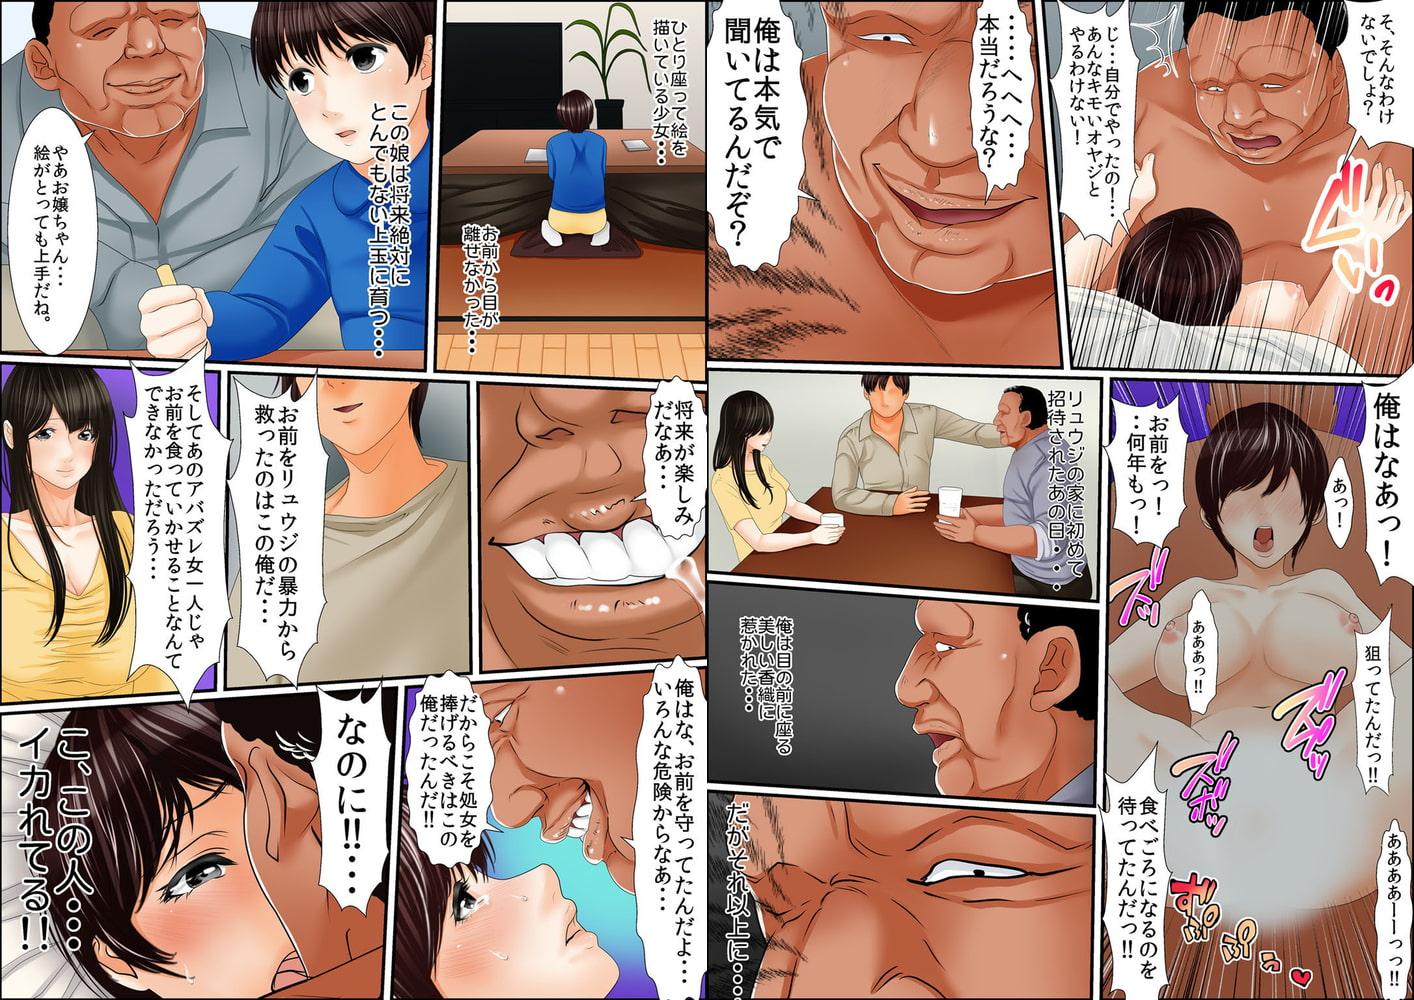 絶倫オヤジが女子寮で~そんなに出したら妊娠しちゃう!!【増量版】 3巻